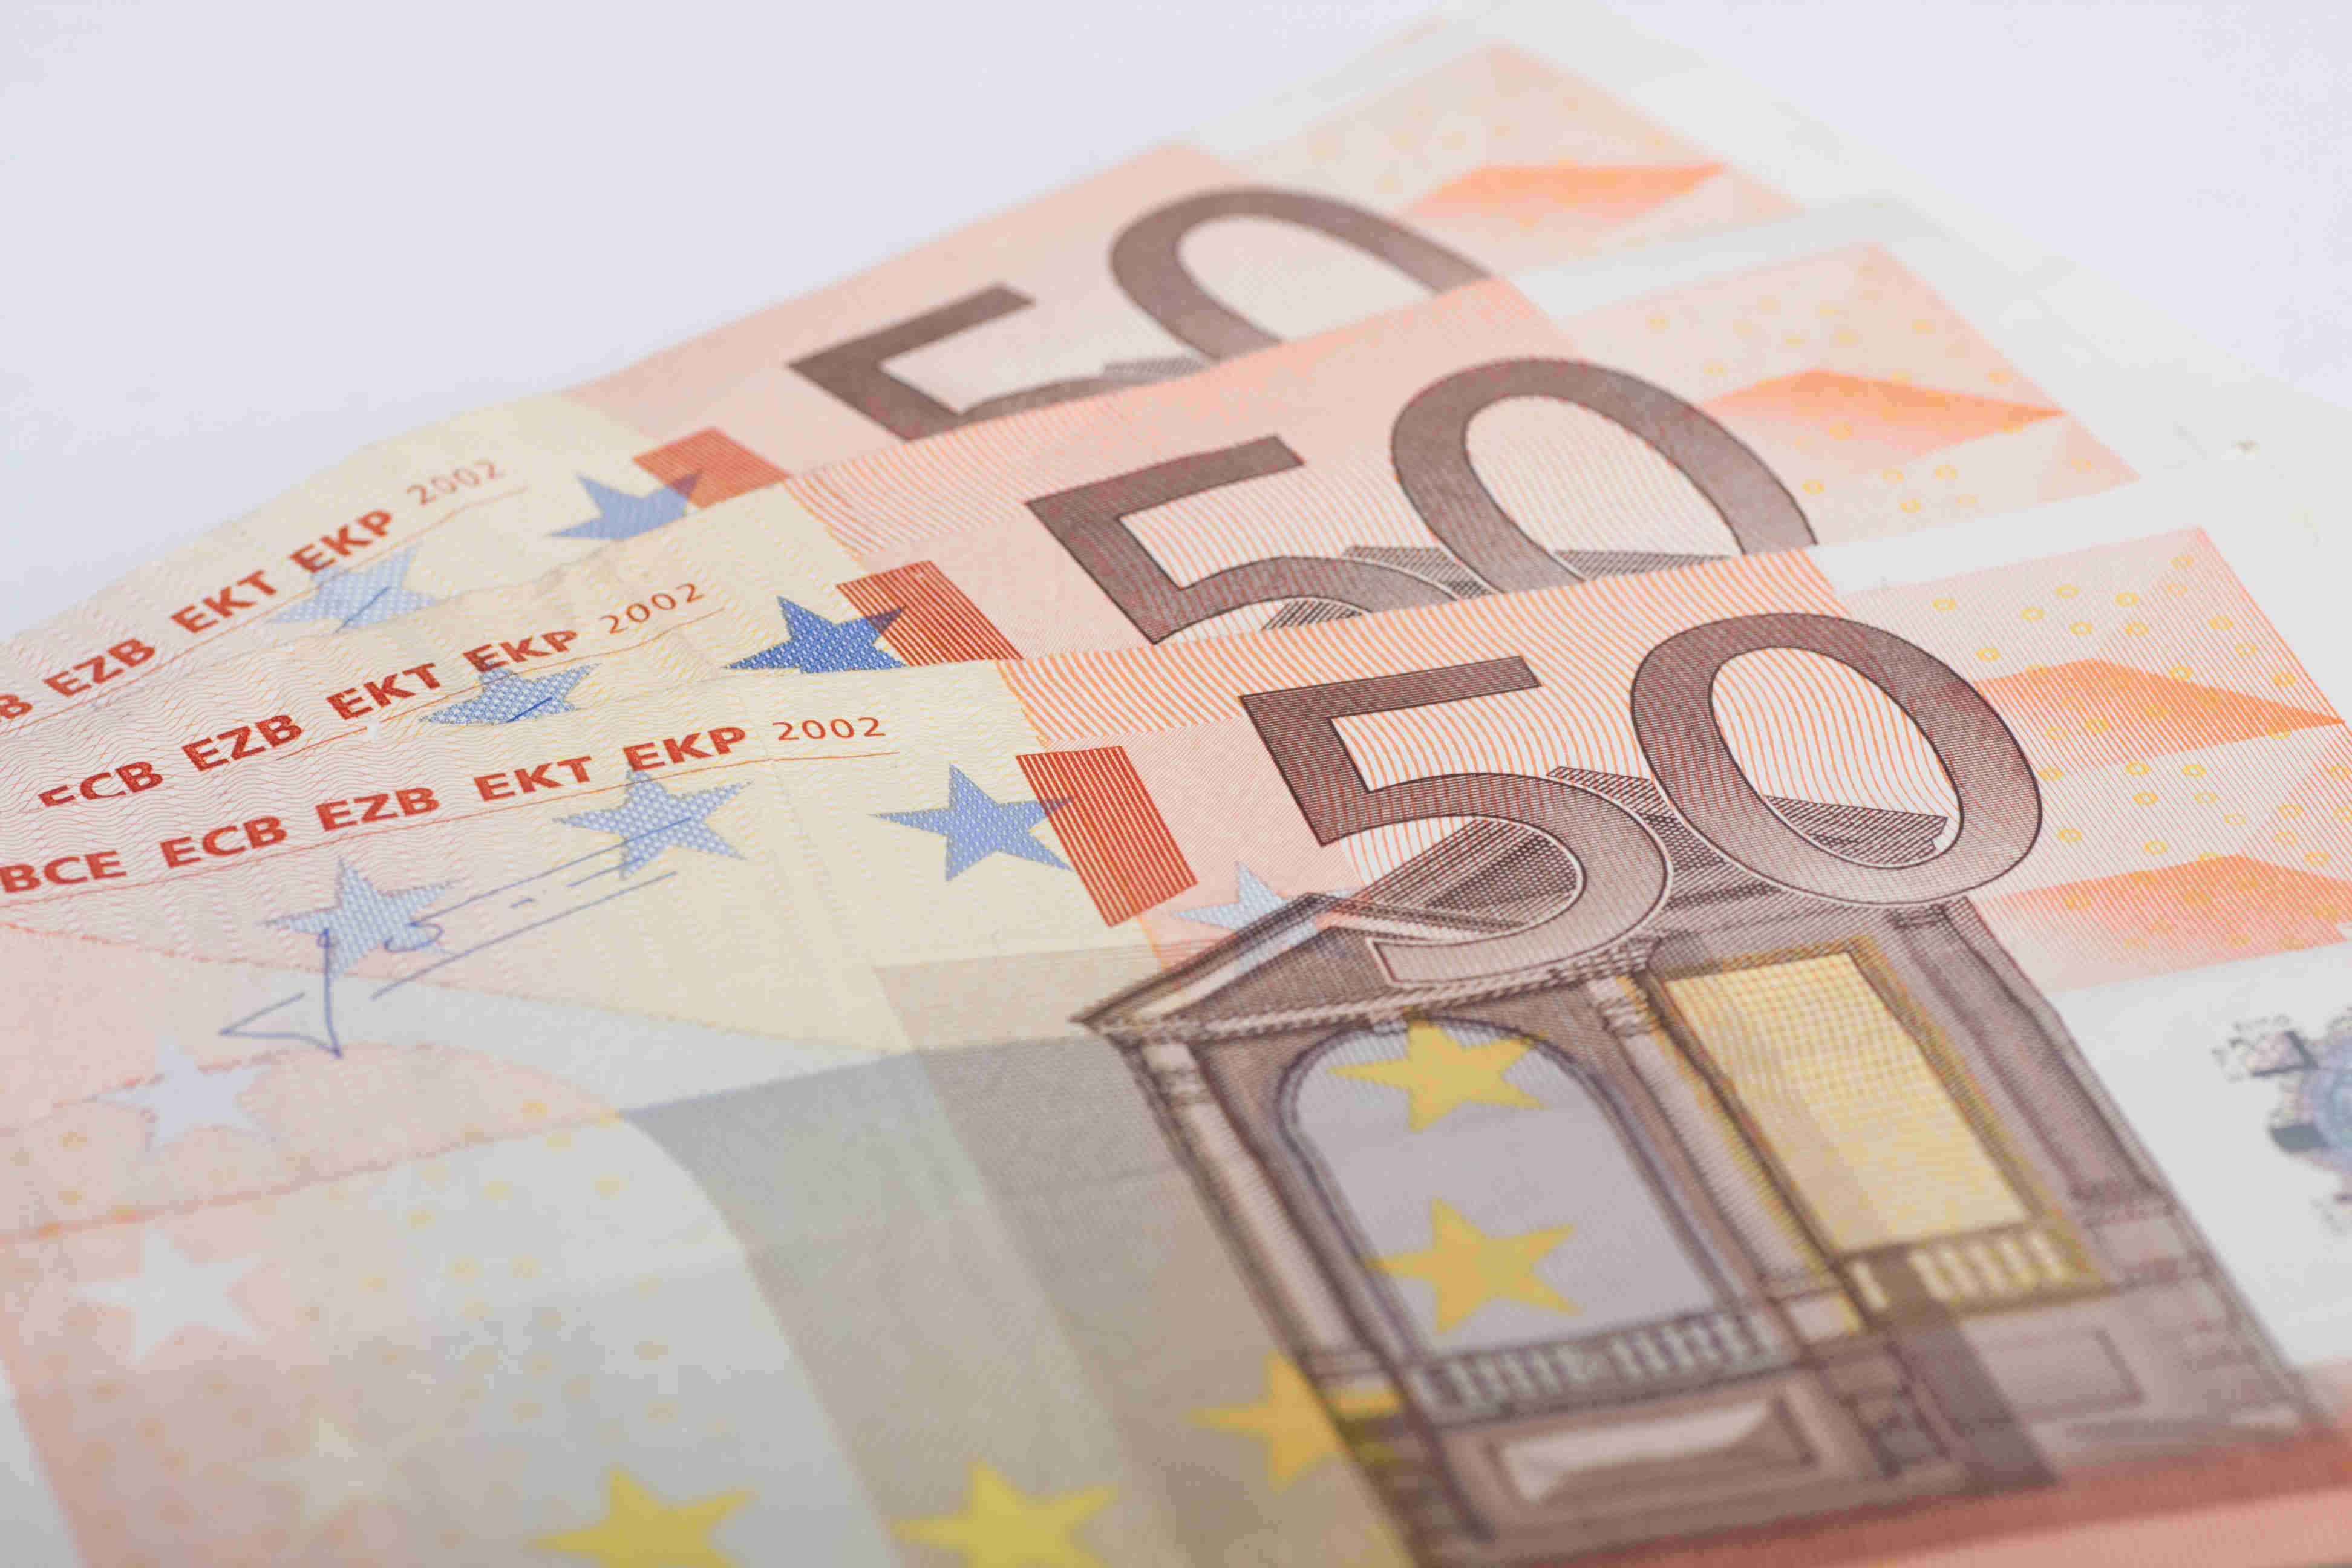 1500 euro per maand